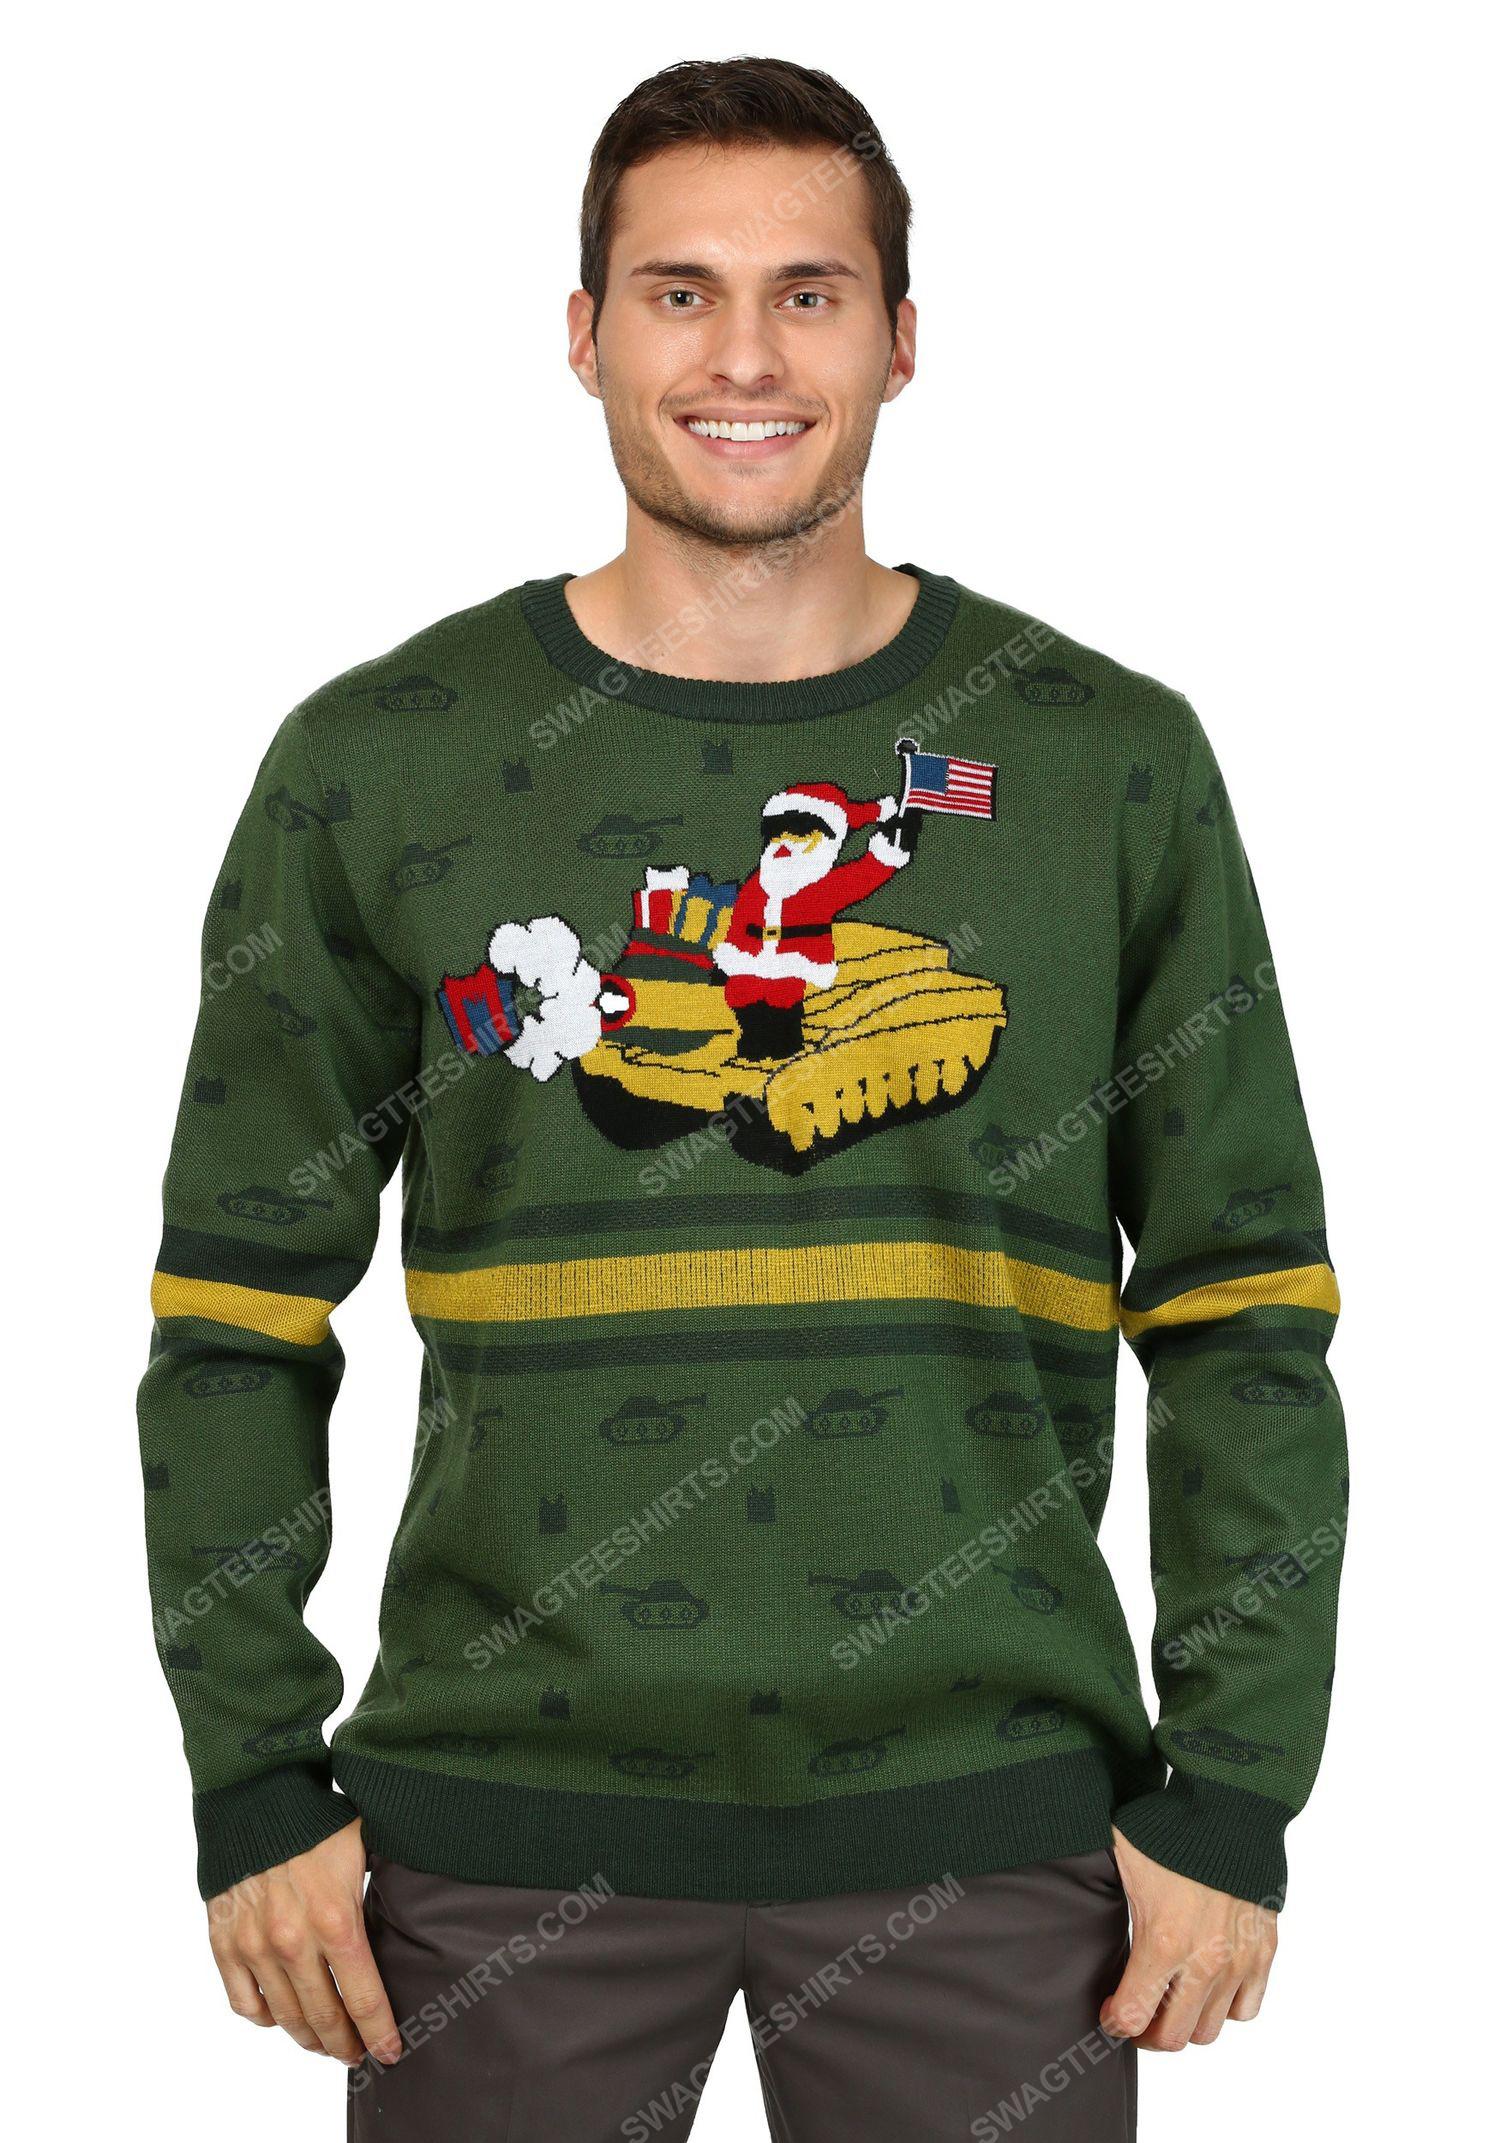 Christmas holiday santa on tank full print ugly christmas sweater 2 - Copy (2)